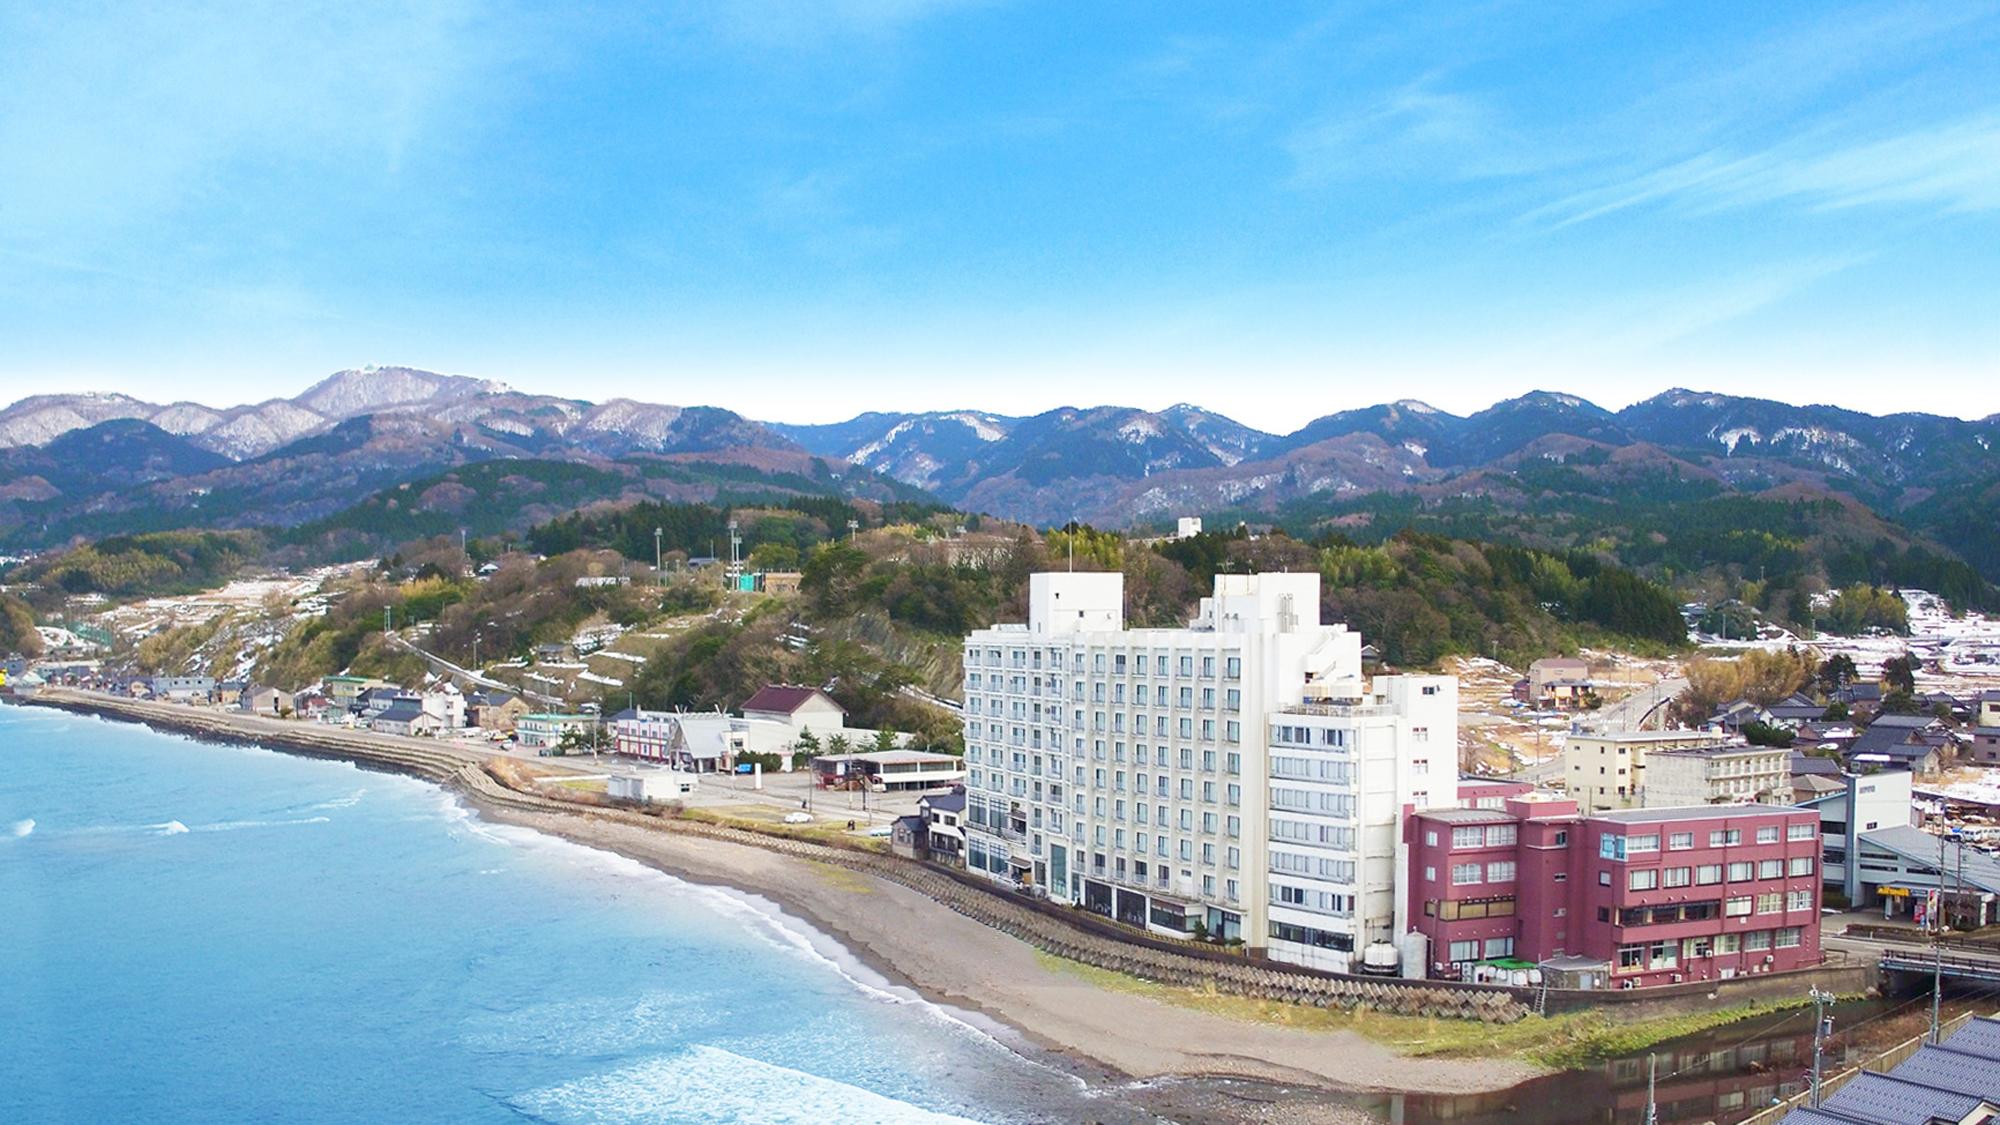 能登輪島温泉 ホテルこうしゅうえん(旧 ホテル高州園)